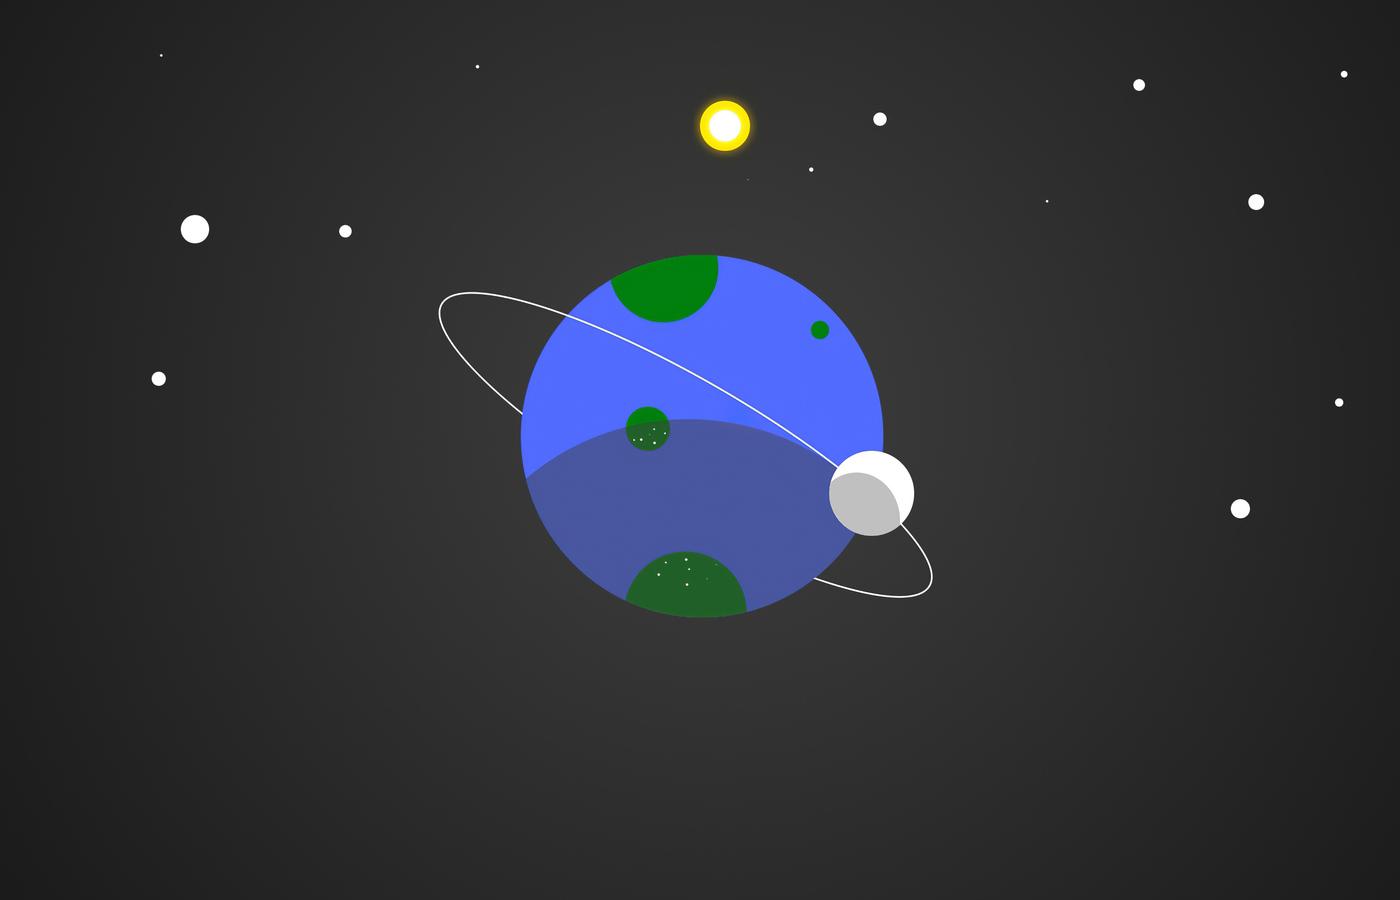 planet-space-digital-art-4k-c3.jpg